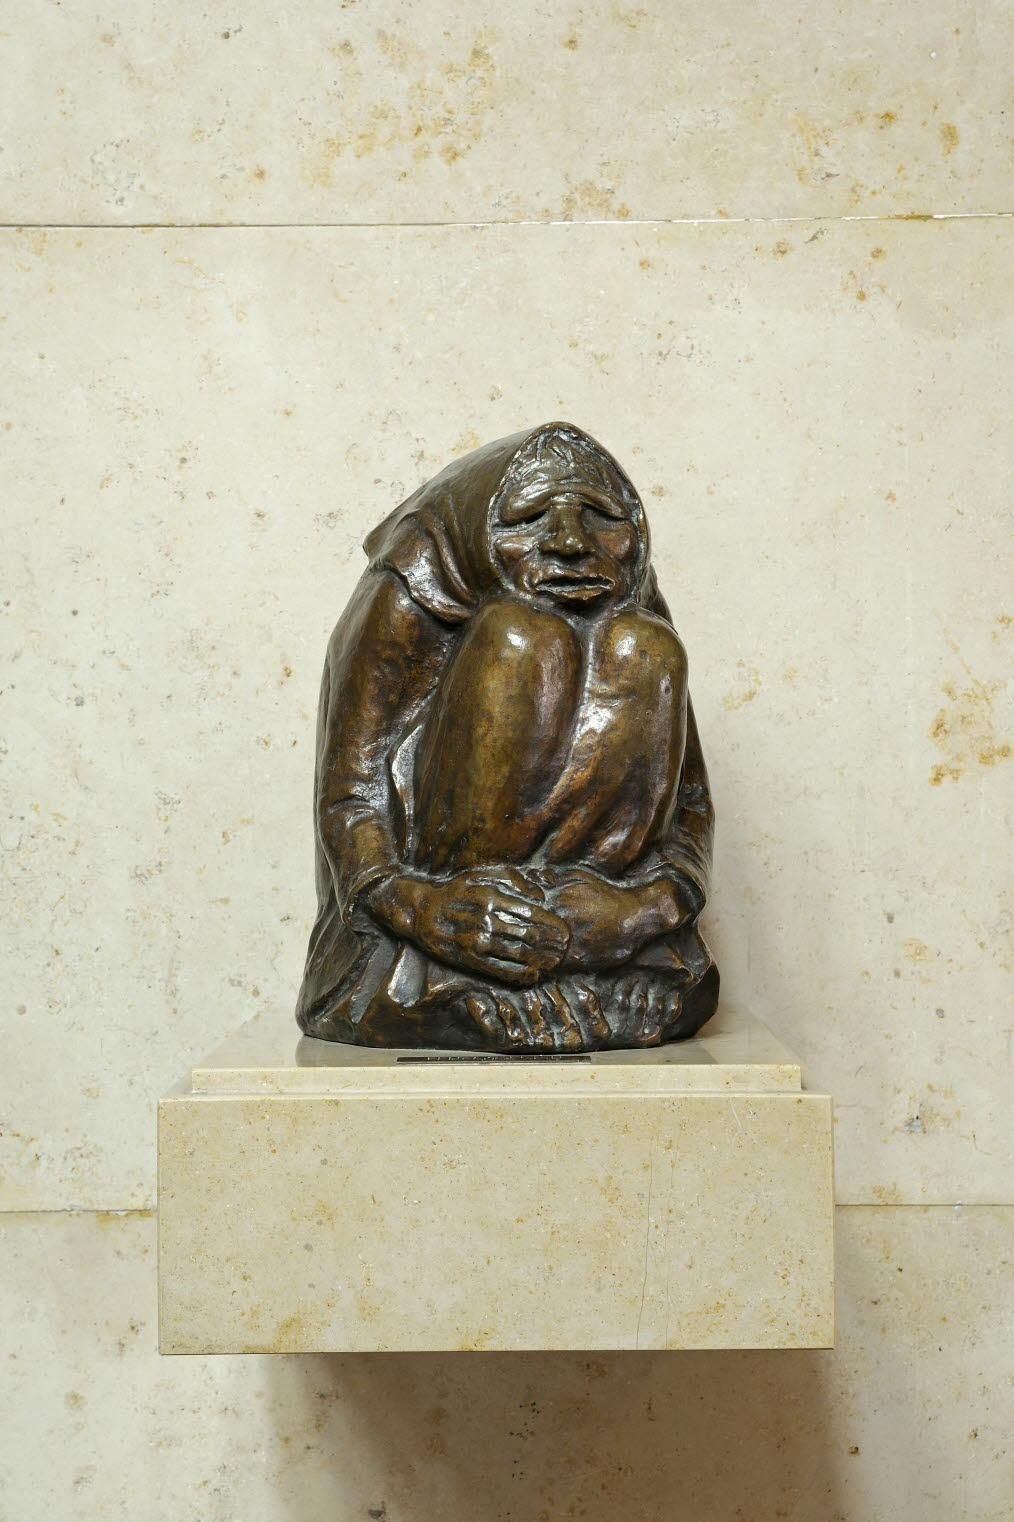 """Statue en bronze """"Frierende Alte""""  d'Ernst Barlach, l'original de 1937 est en teck, représentant une vieille femme coiffée d'un fichu, recroquevillée sur elle-même, accablée par le froid"""